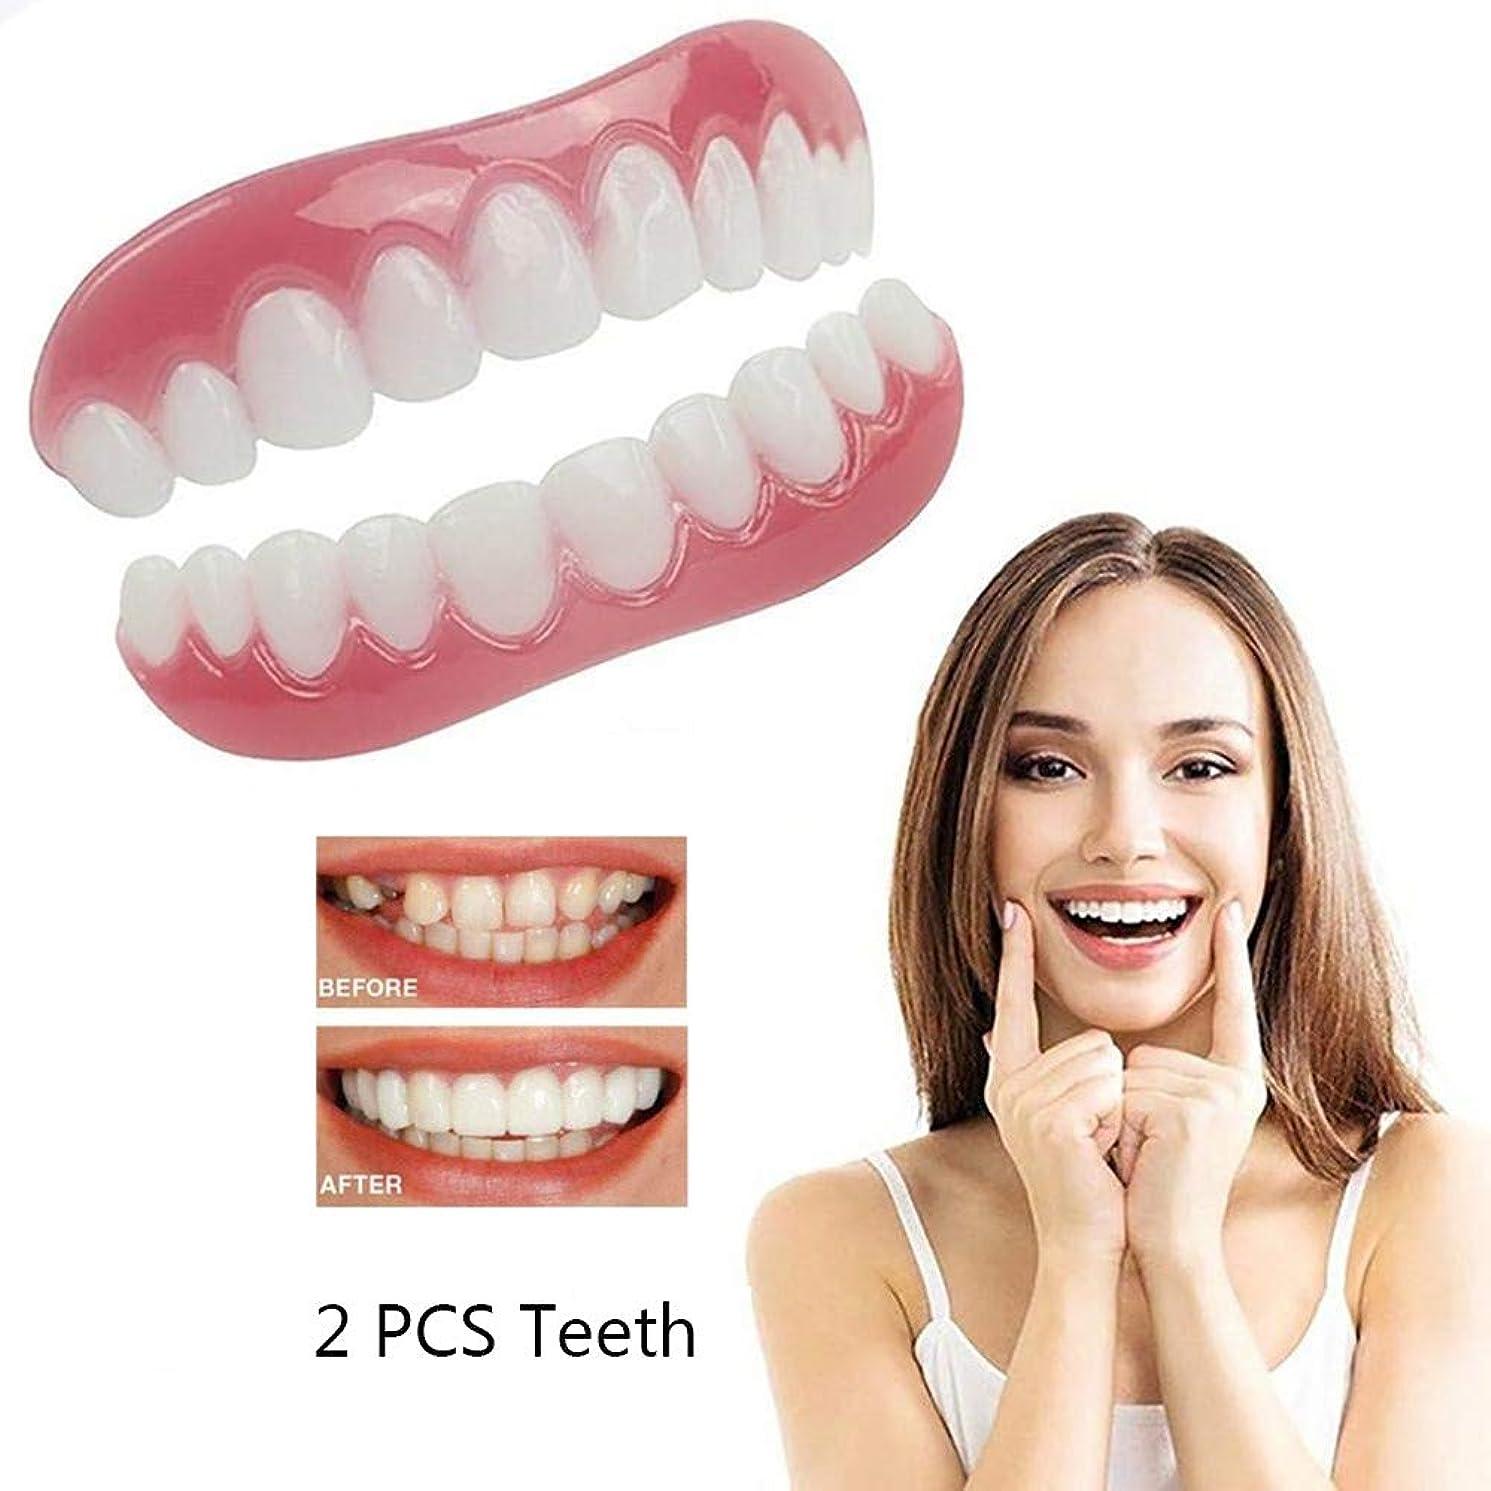 願うアッパーソーシャル化粧品の歯のホワイトニングパーフェクトフィットスナップオンスマイルトップとボトムの偽歯インスタントプロテーゼスマイルコンフォートフィットフレックスオーラルケア